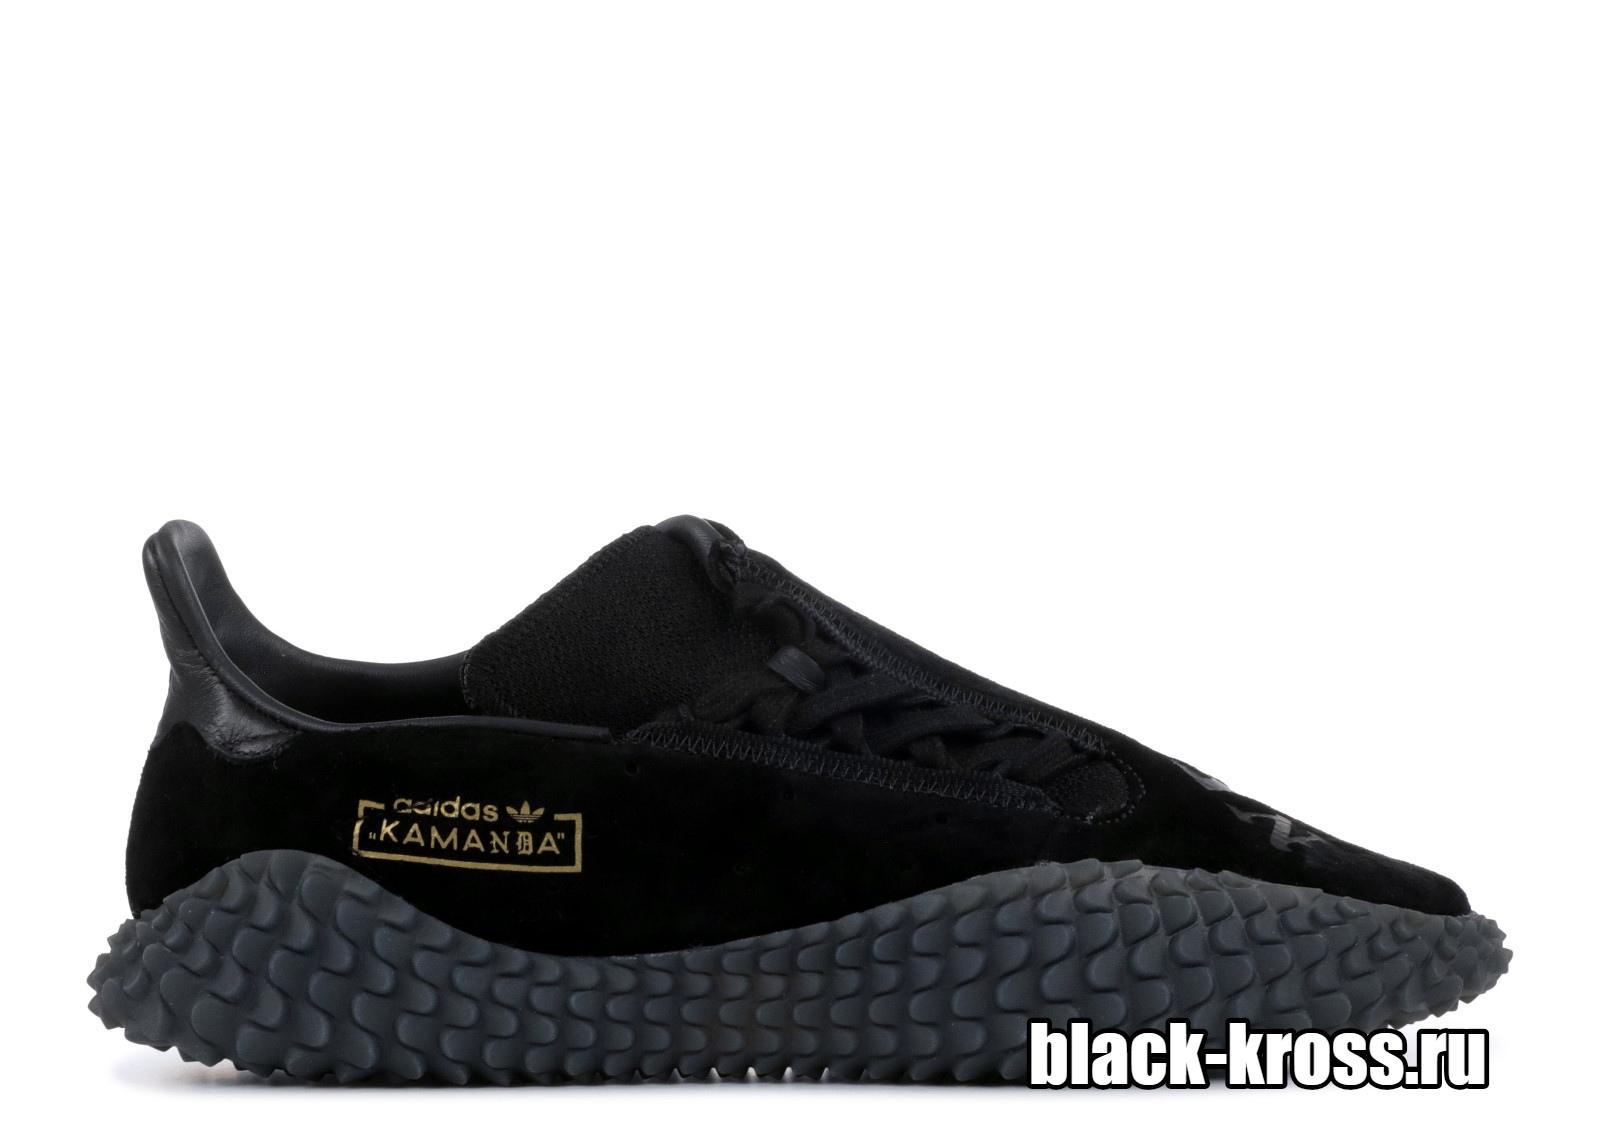 Adidas x Neighborhood Kamanda Black (41-45)